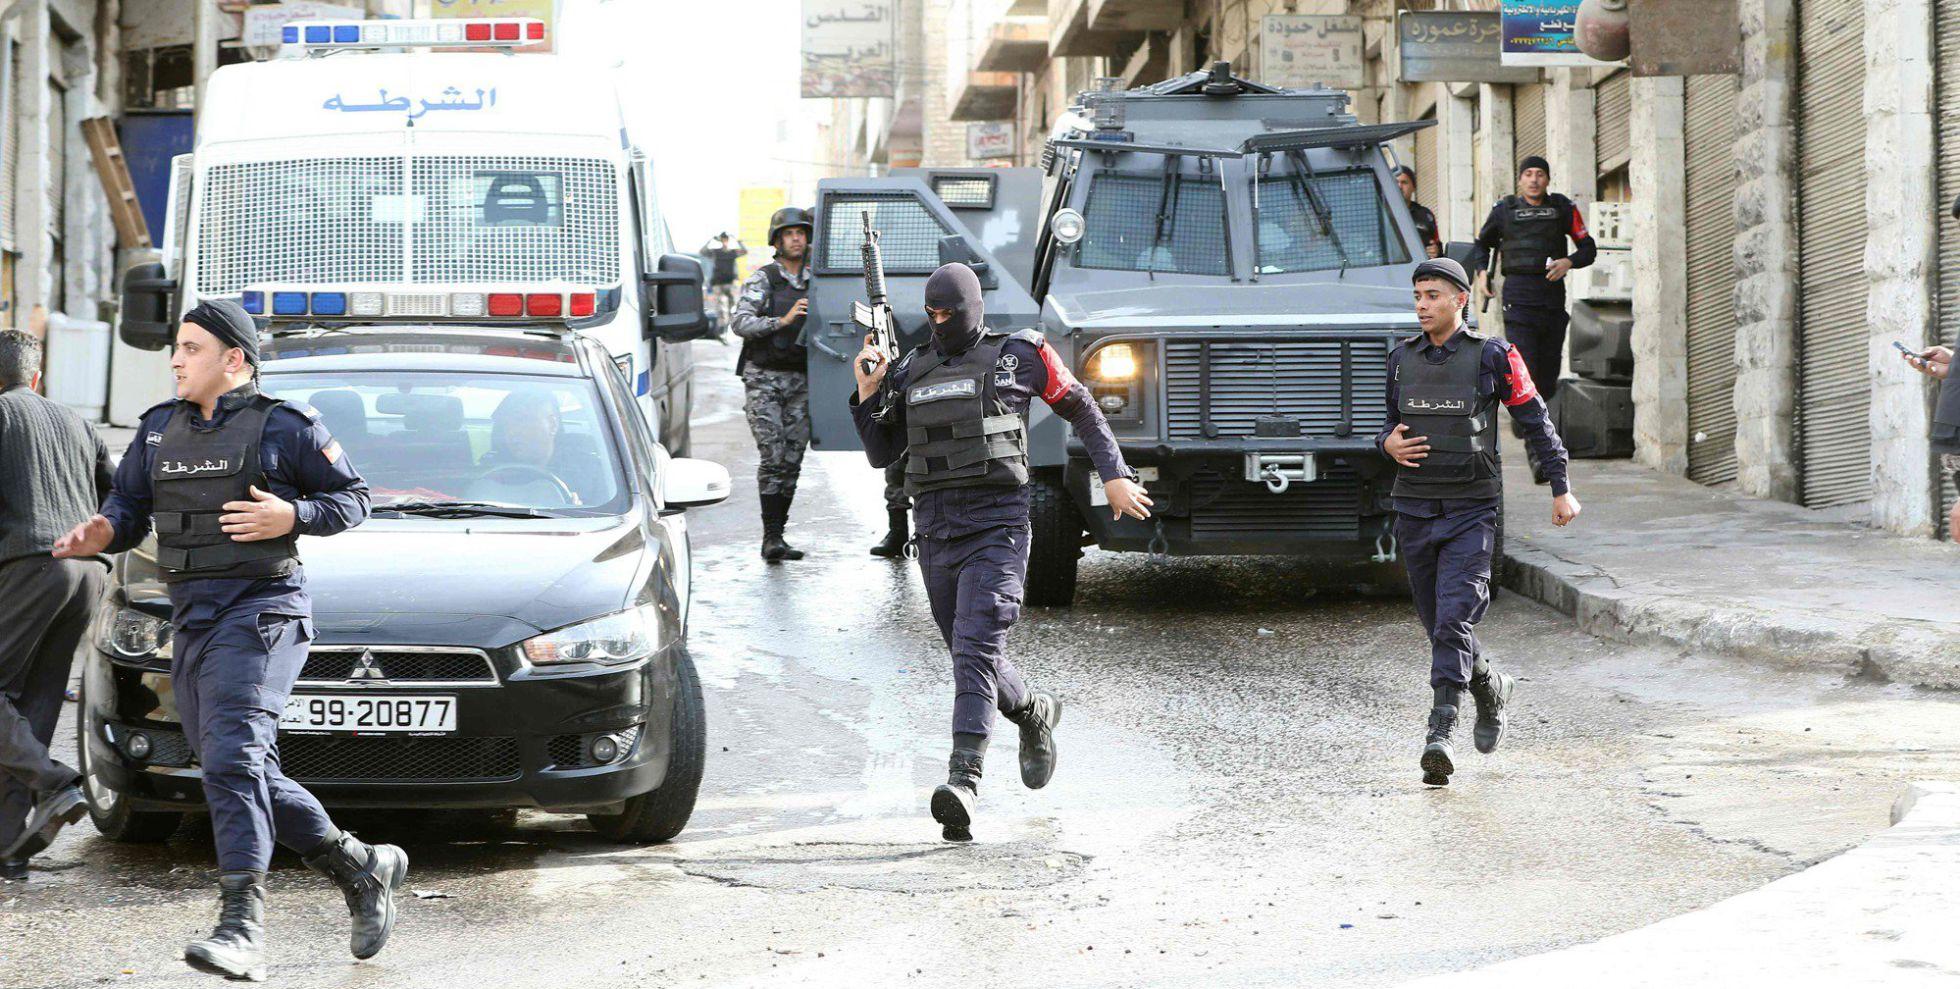 Jordania concentra tanques en la frontera con Siria 1456937722_584289_1456937943_noticia_normal_recorte1